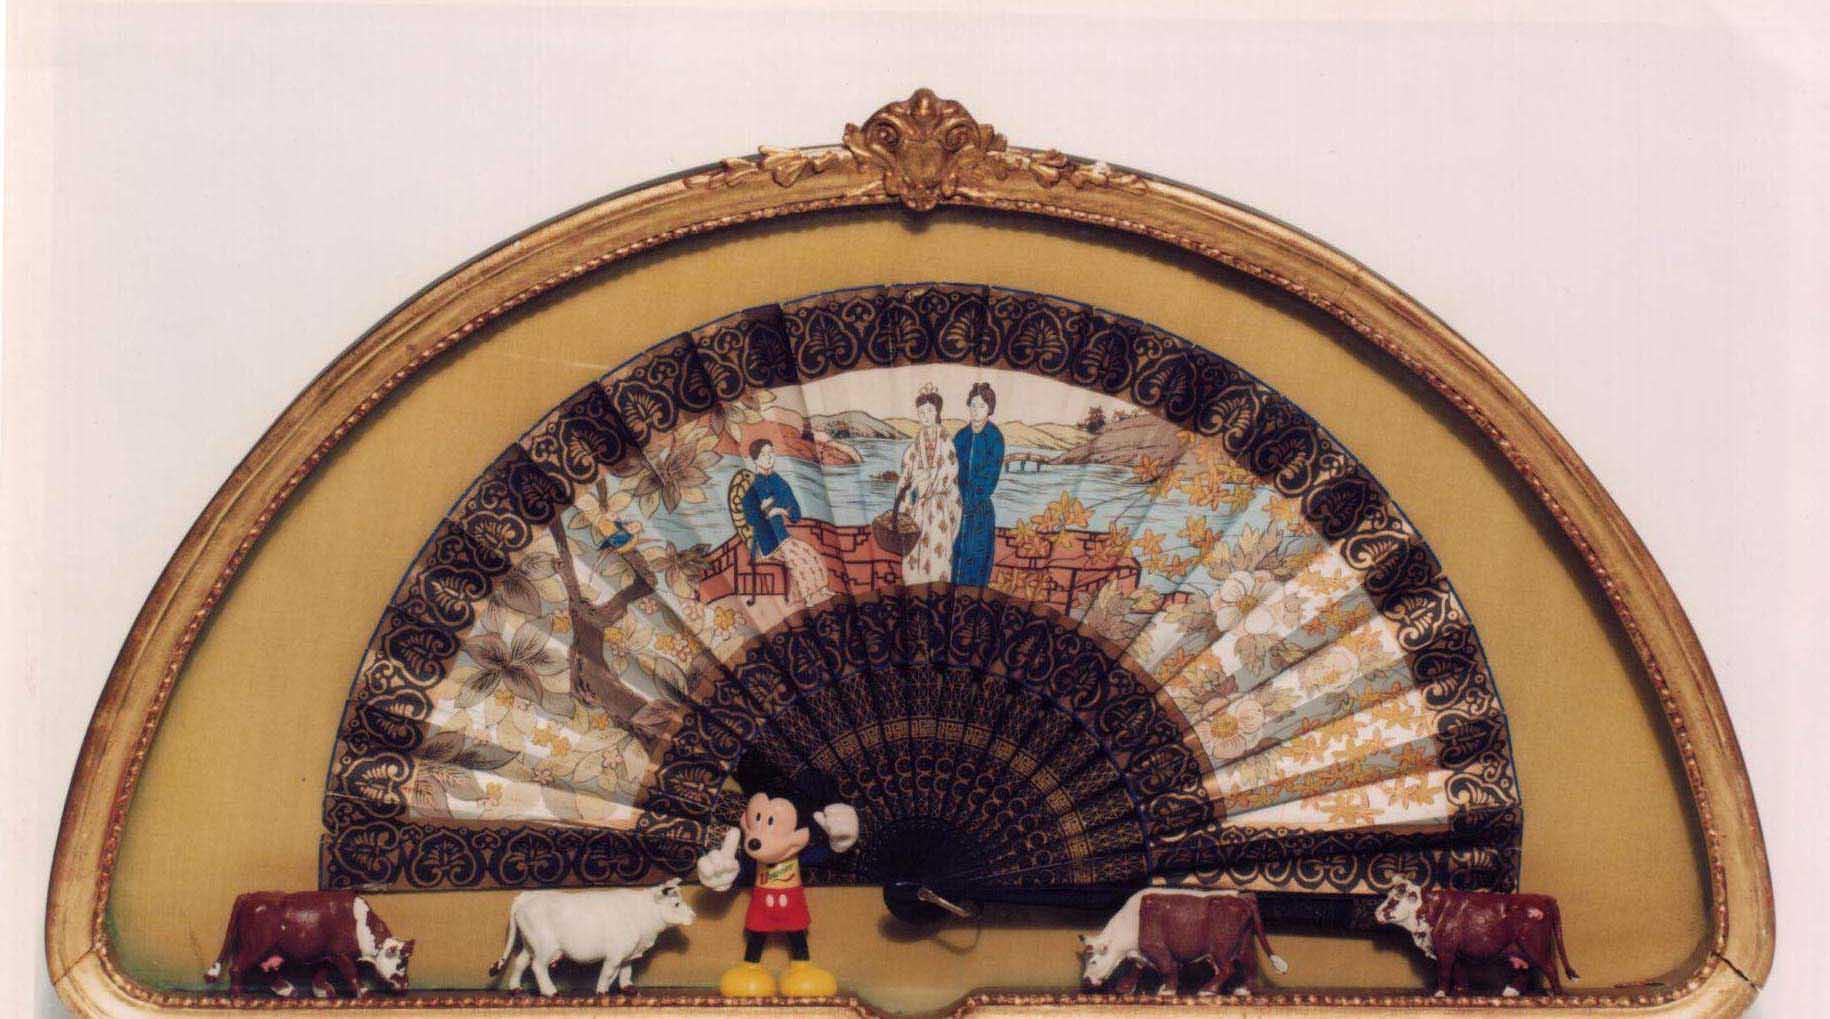 El mundo, un abanico de posibilidades, objetos ensamblados, 2002